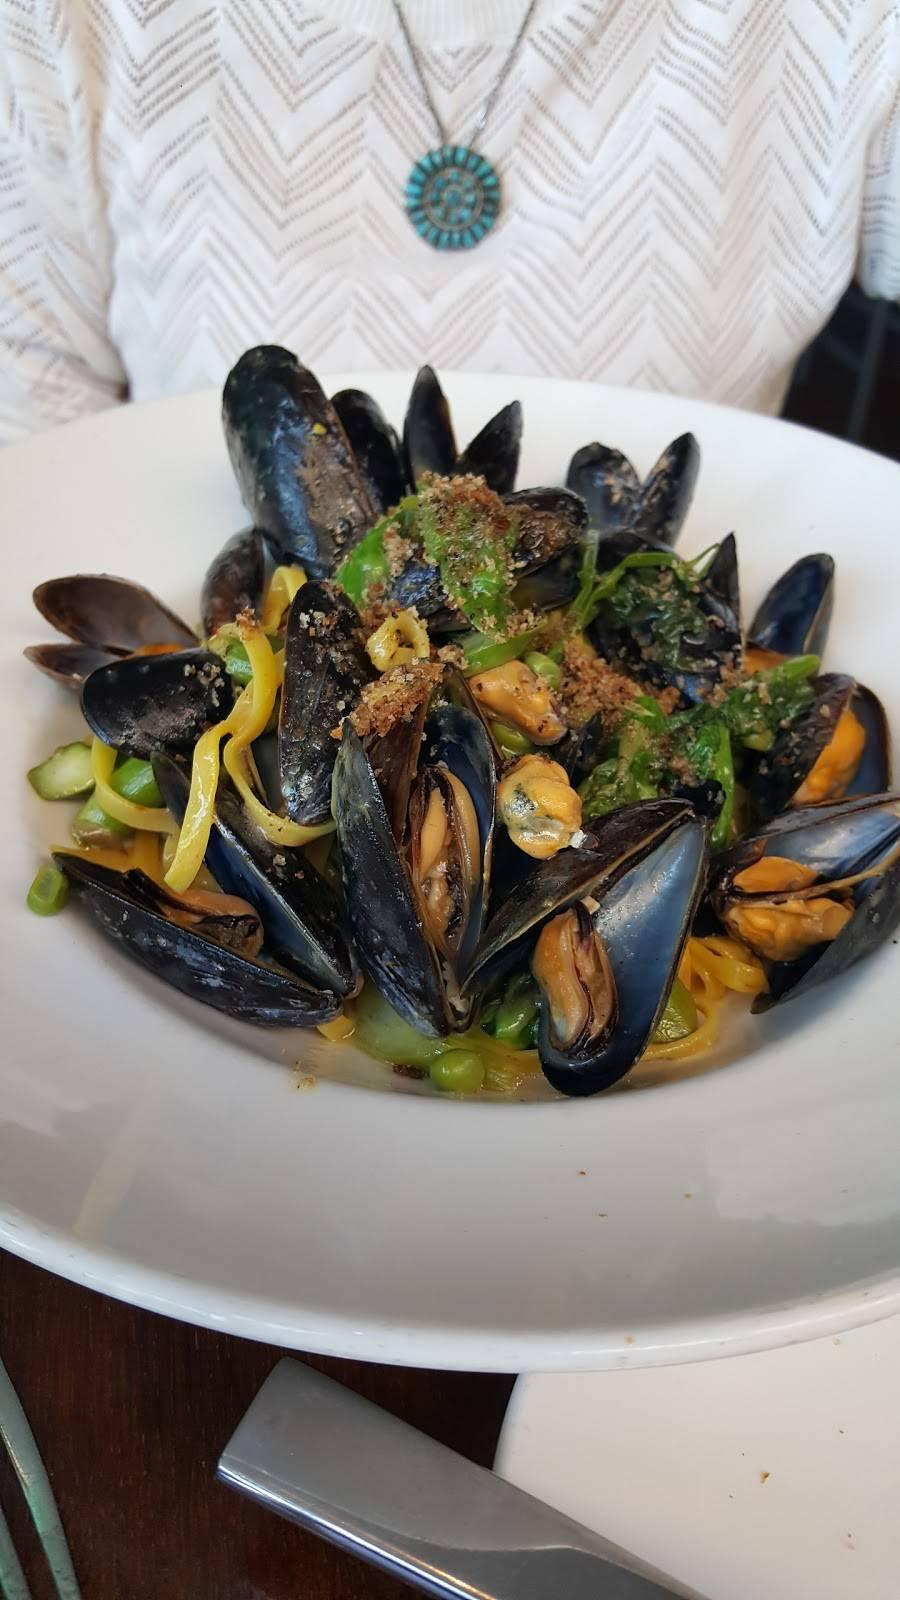 Inatteso Pizzabar Casano   restaurant   28 West St, New York, NY 10004, USA   2122678000 OR +1 212-267-8000